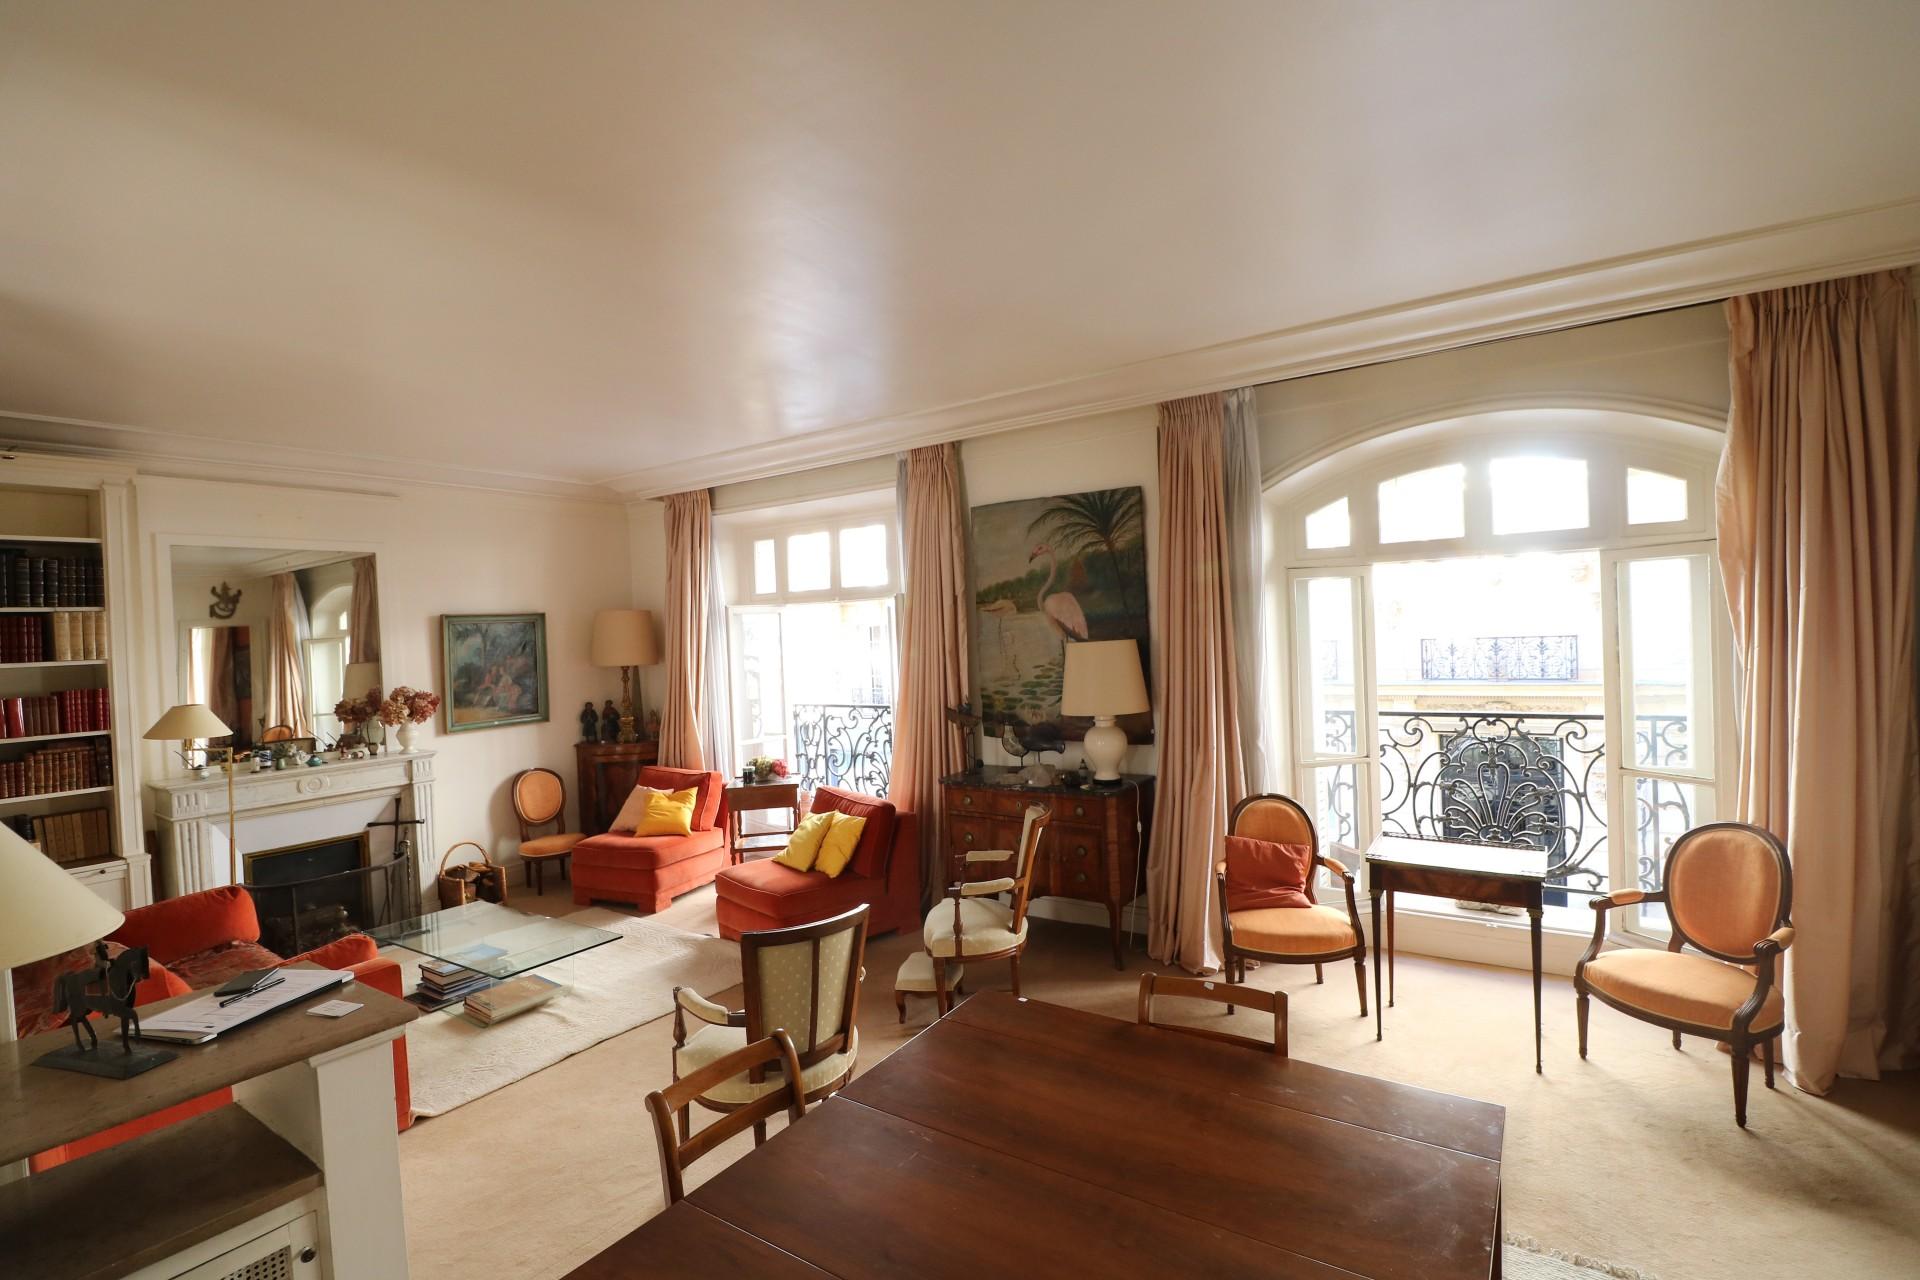 la-clef-des-villes-agence-immobiliere-paris-16-metro-ranelagh-photo-appartement-grandes-fenetres-annees-30